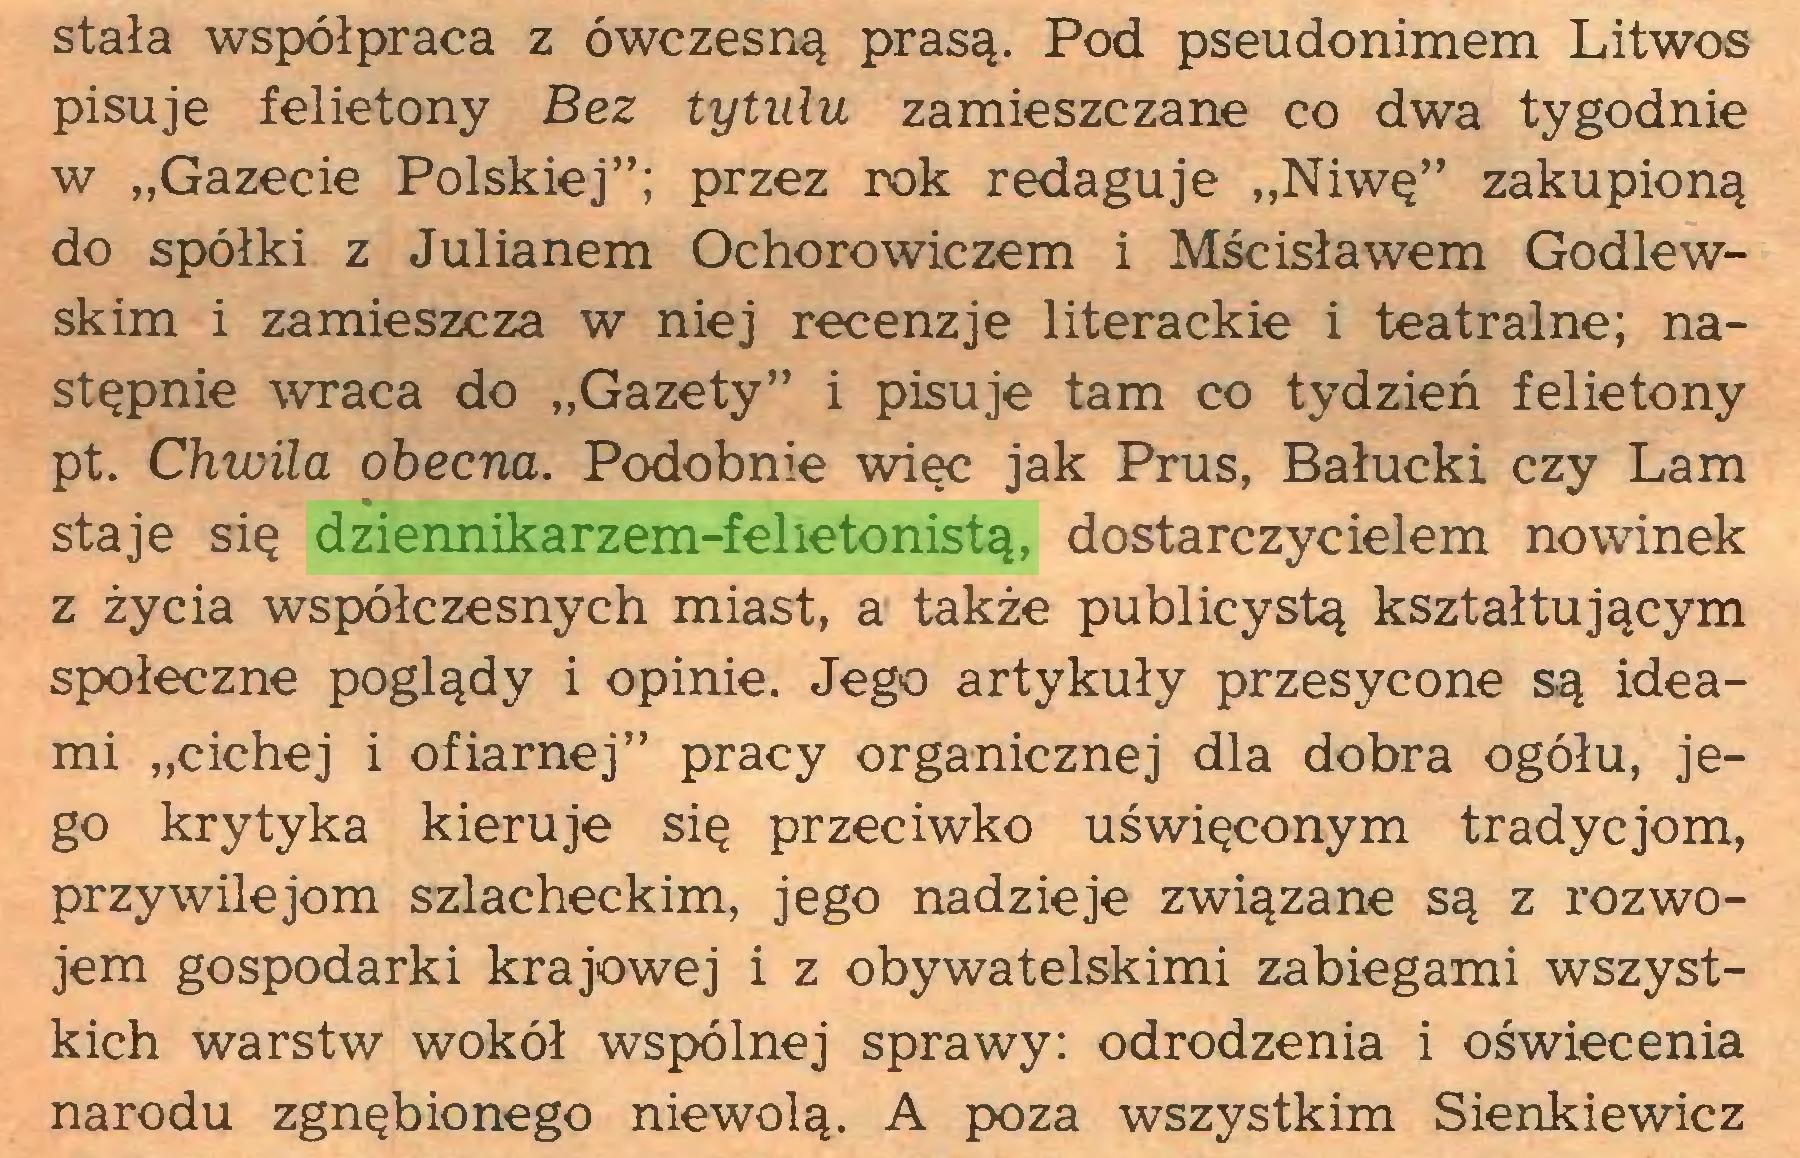 """(...) stała współpraca z ówczesną prasą. Pod pseudonimem Litwos pisuje felietony Bez tytułu zamieszczane co dwa tygodnie w """"Gazecie Polskiej""""; przez rok redaguje """"Niwę"""" zakupioną do spółki z Julianem Ochorowiczem i Mścisławem Godlewskim i zamieszcza w niej recenzje literackie i teatralne; następnie wraca do """"Gazety"""" i pisuje tam co tydzień felietony pt. Chwila obecna. Podobnie więc jak Prus, Bałucki czy Lam staje się dziennikarzem-felietonistą, dostarczycielem nowinek z życia współczesnych miast, a także publicystą kształtującym społeczne poglądy i opinie. Jego artykuły przesycone są ideami """"cichej i ofiarnej"""" pracy organicznej dla dobra ogółu, jego krytyka kieruje się przeciwko uświęconym tradycjom, przywilejom szlacheckim, jego nadzieje związane są z rozwojem gospodarki krajowej i z obywatelskimi zabiegami wszystkich warstw wokół wspólnej sprawy: odrodzenia i oświecenia narodu zgnębionego niewolą. A poza wszystkim Sienkiewicz..."""